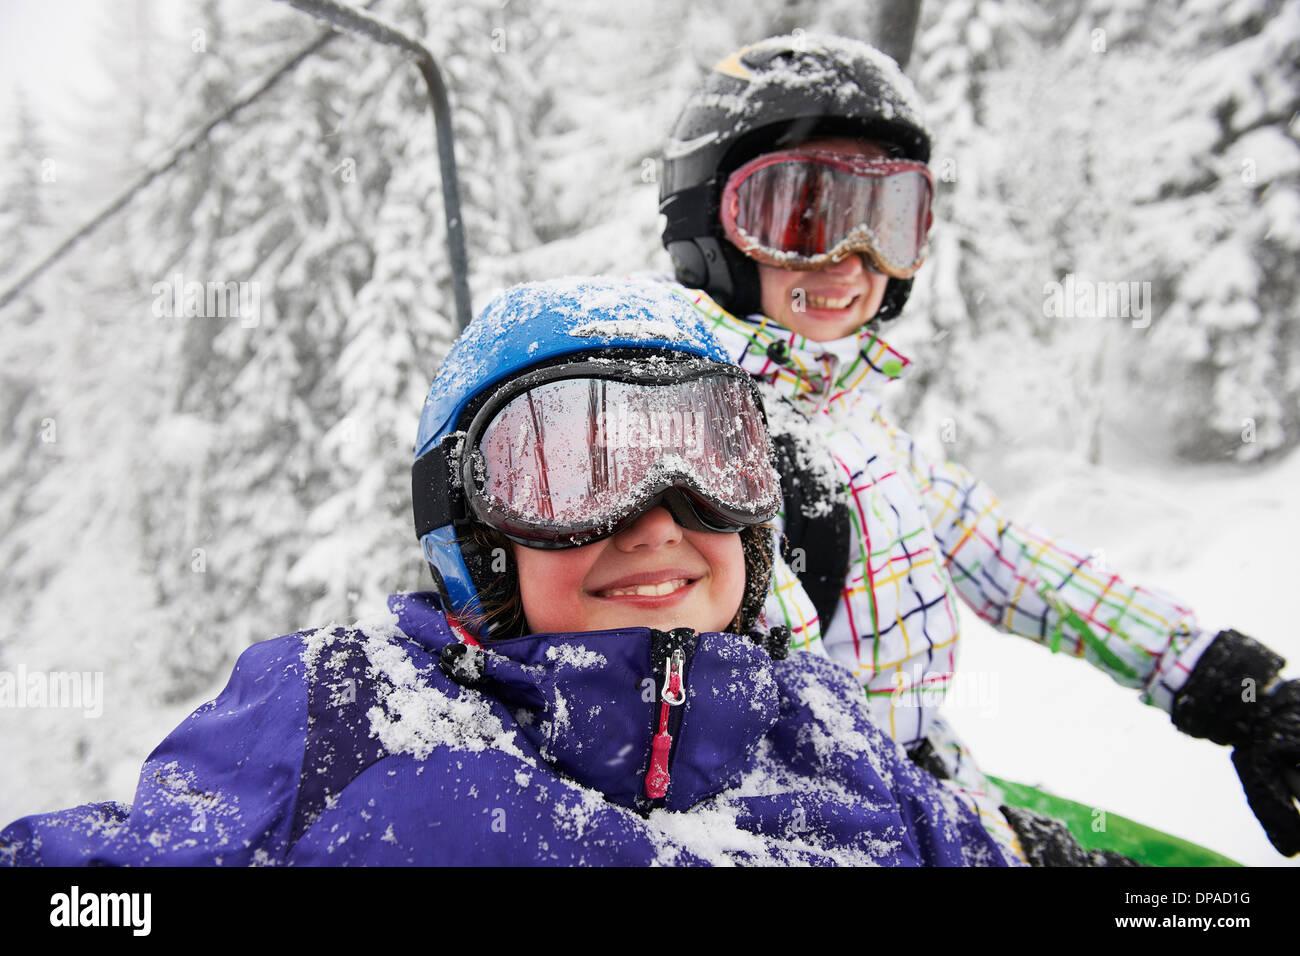 Porträt von Schnee bedeckten Schwestern, Villaroger, Hauste Savoie, Frankreich Stockbild